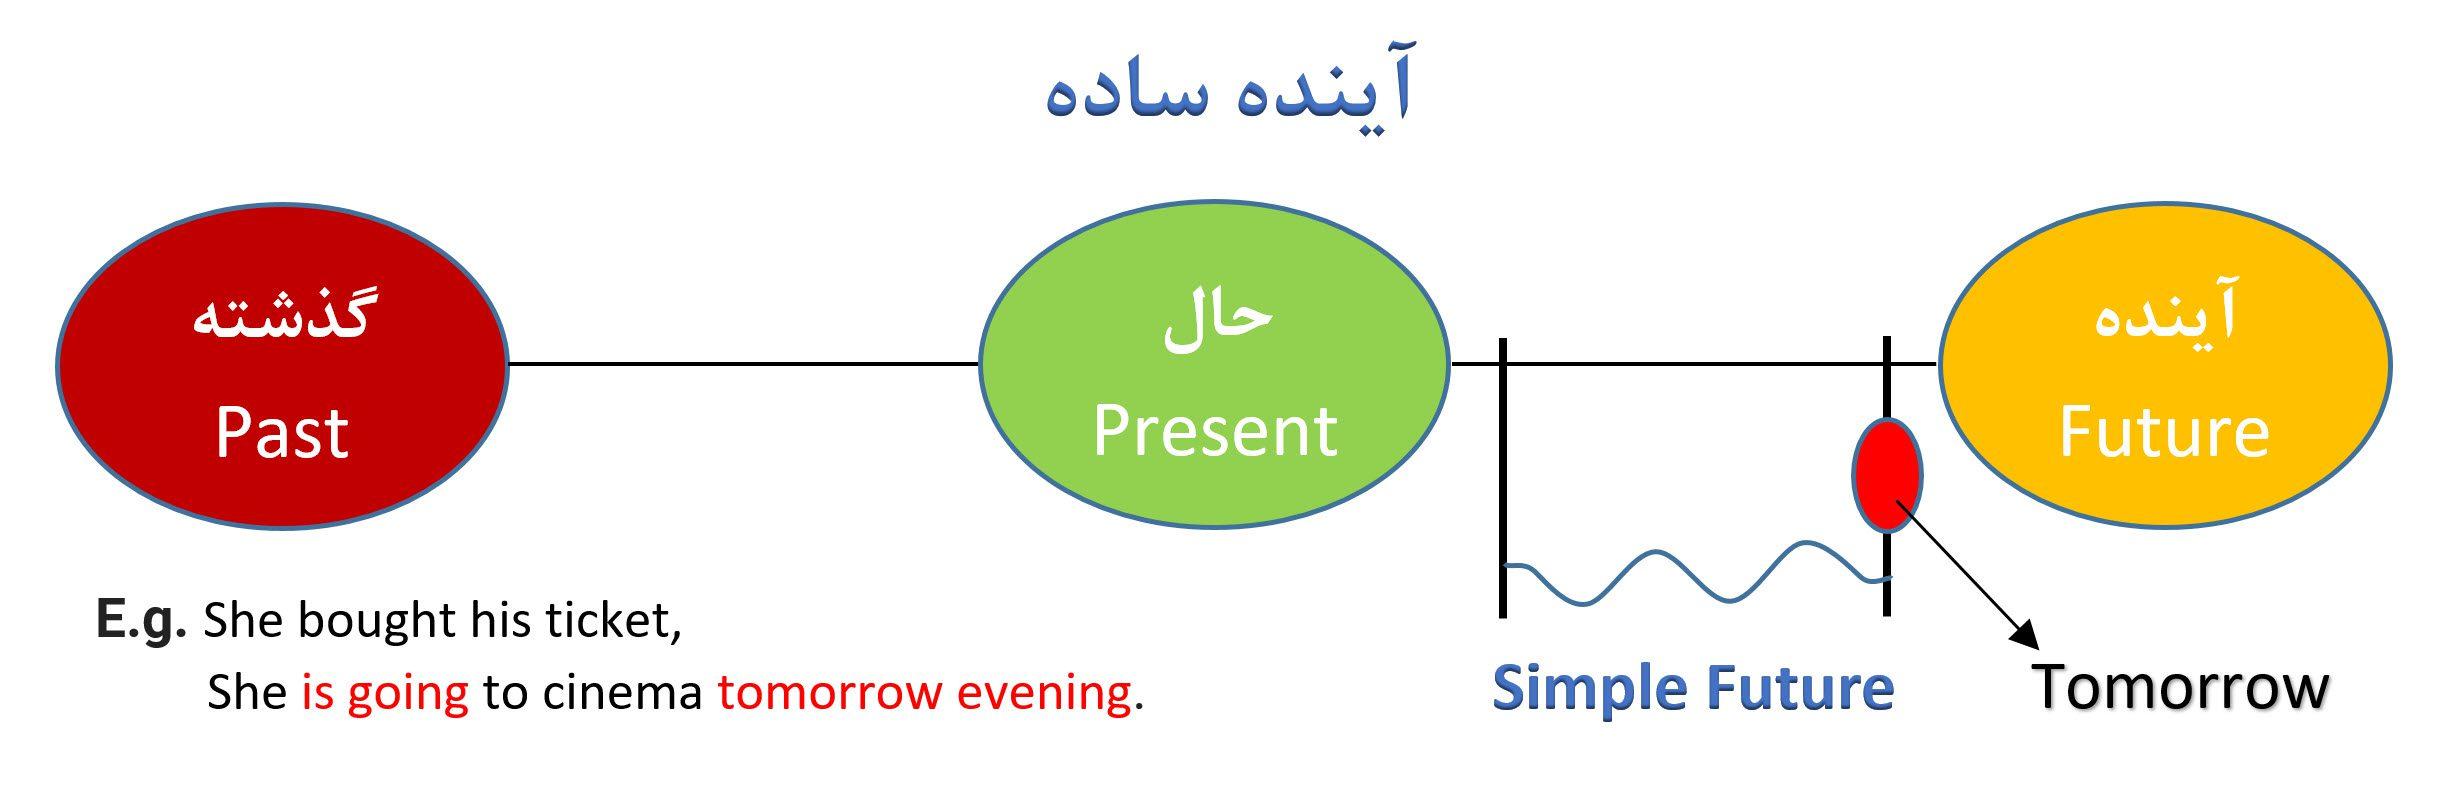 آینده ساده بخش3 - Simple Future - Unit 3 Chart